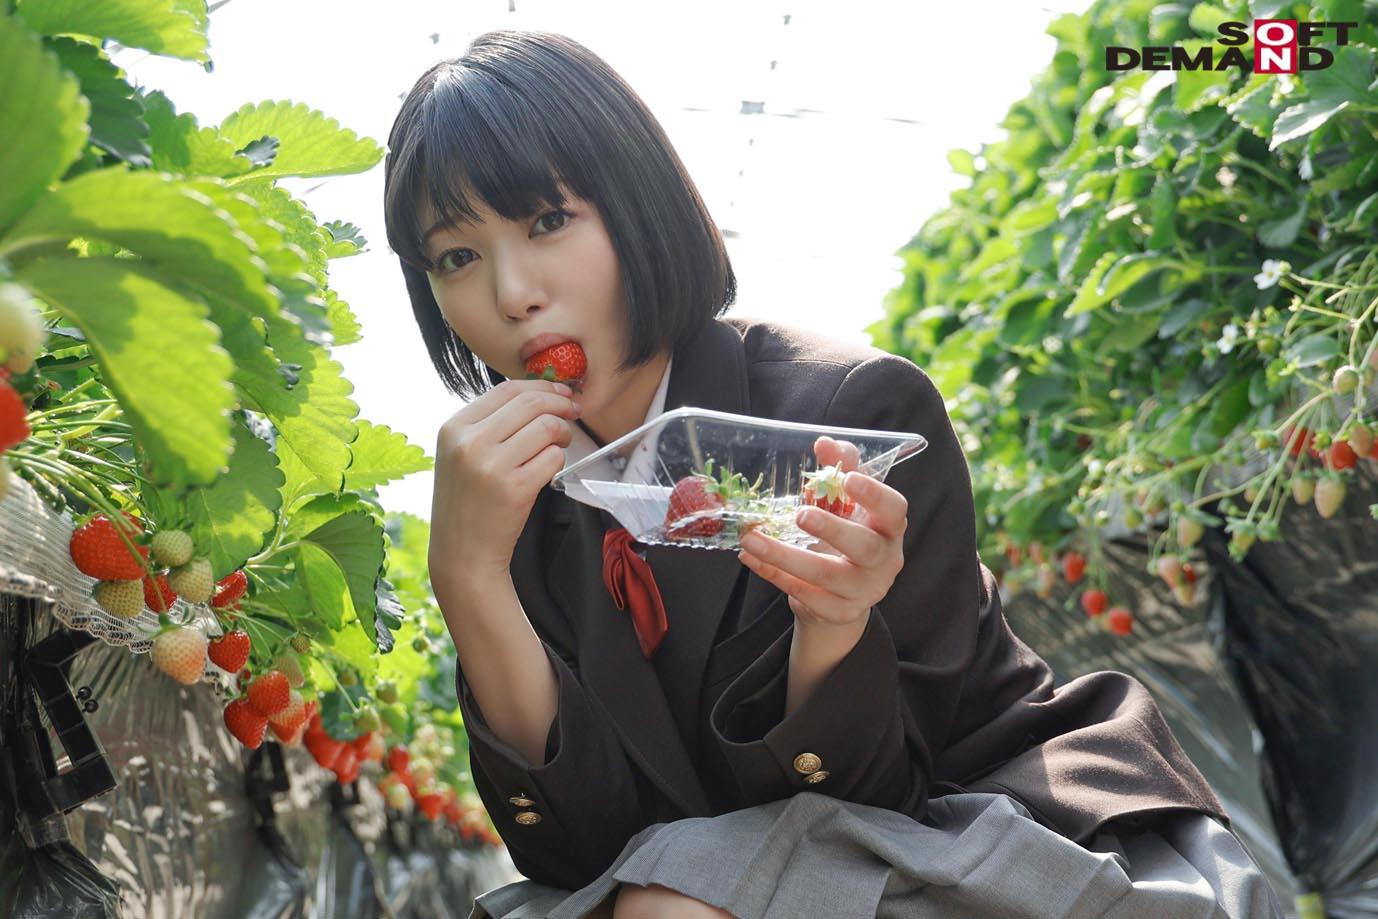 未成熟なカラダ、あやうい美少女 18歳 SOD専属AVデビュー 桃乃りん 画像3